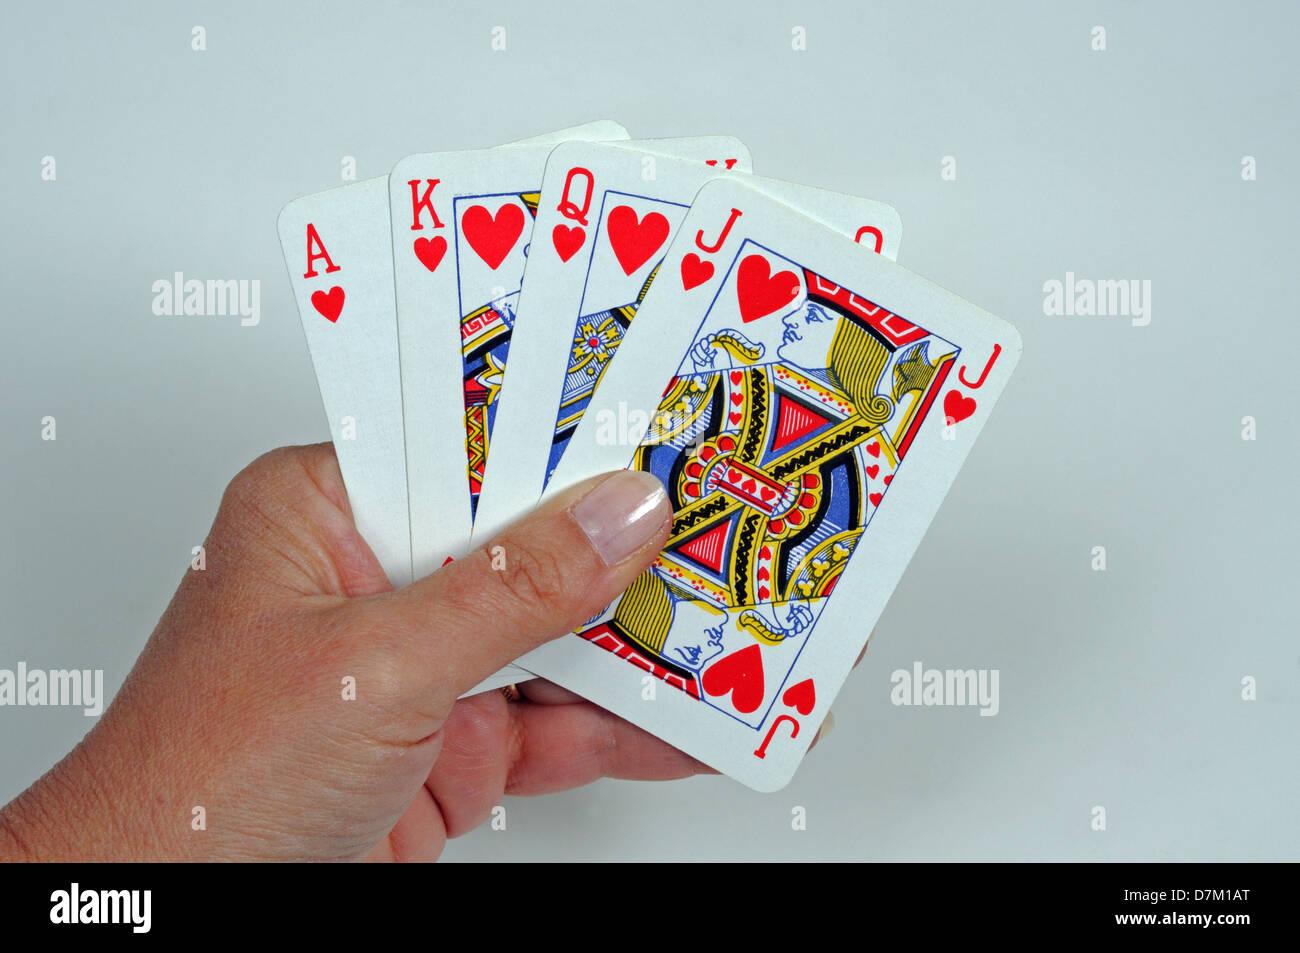 Wor 710 gambling